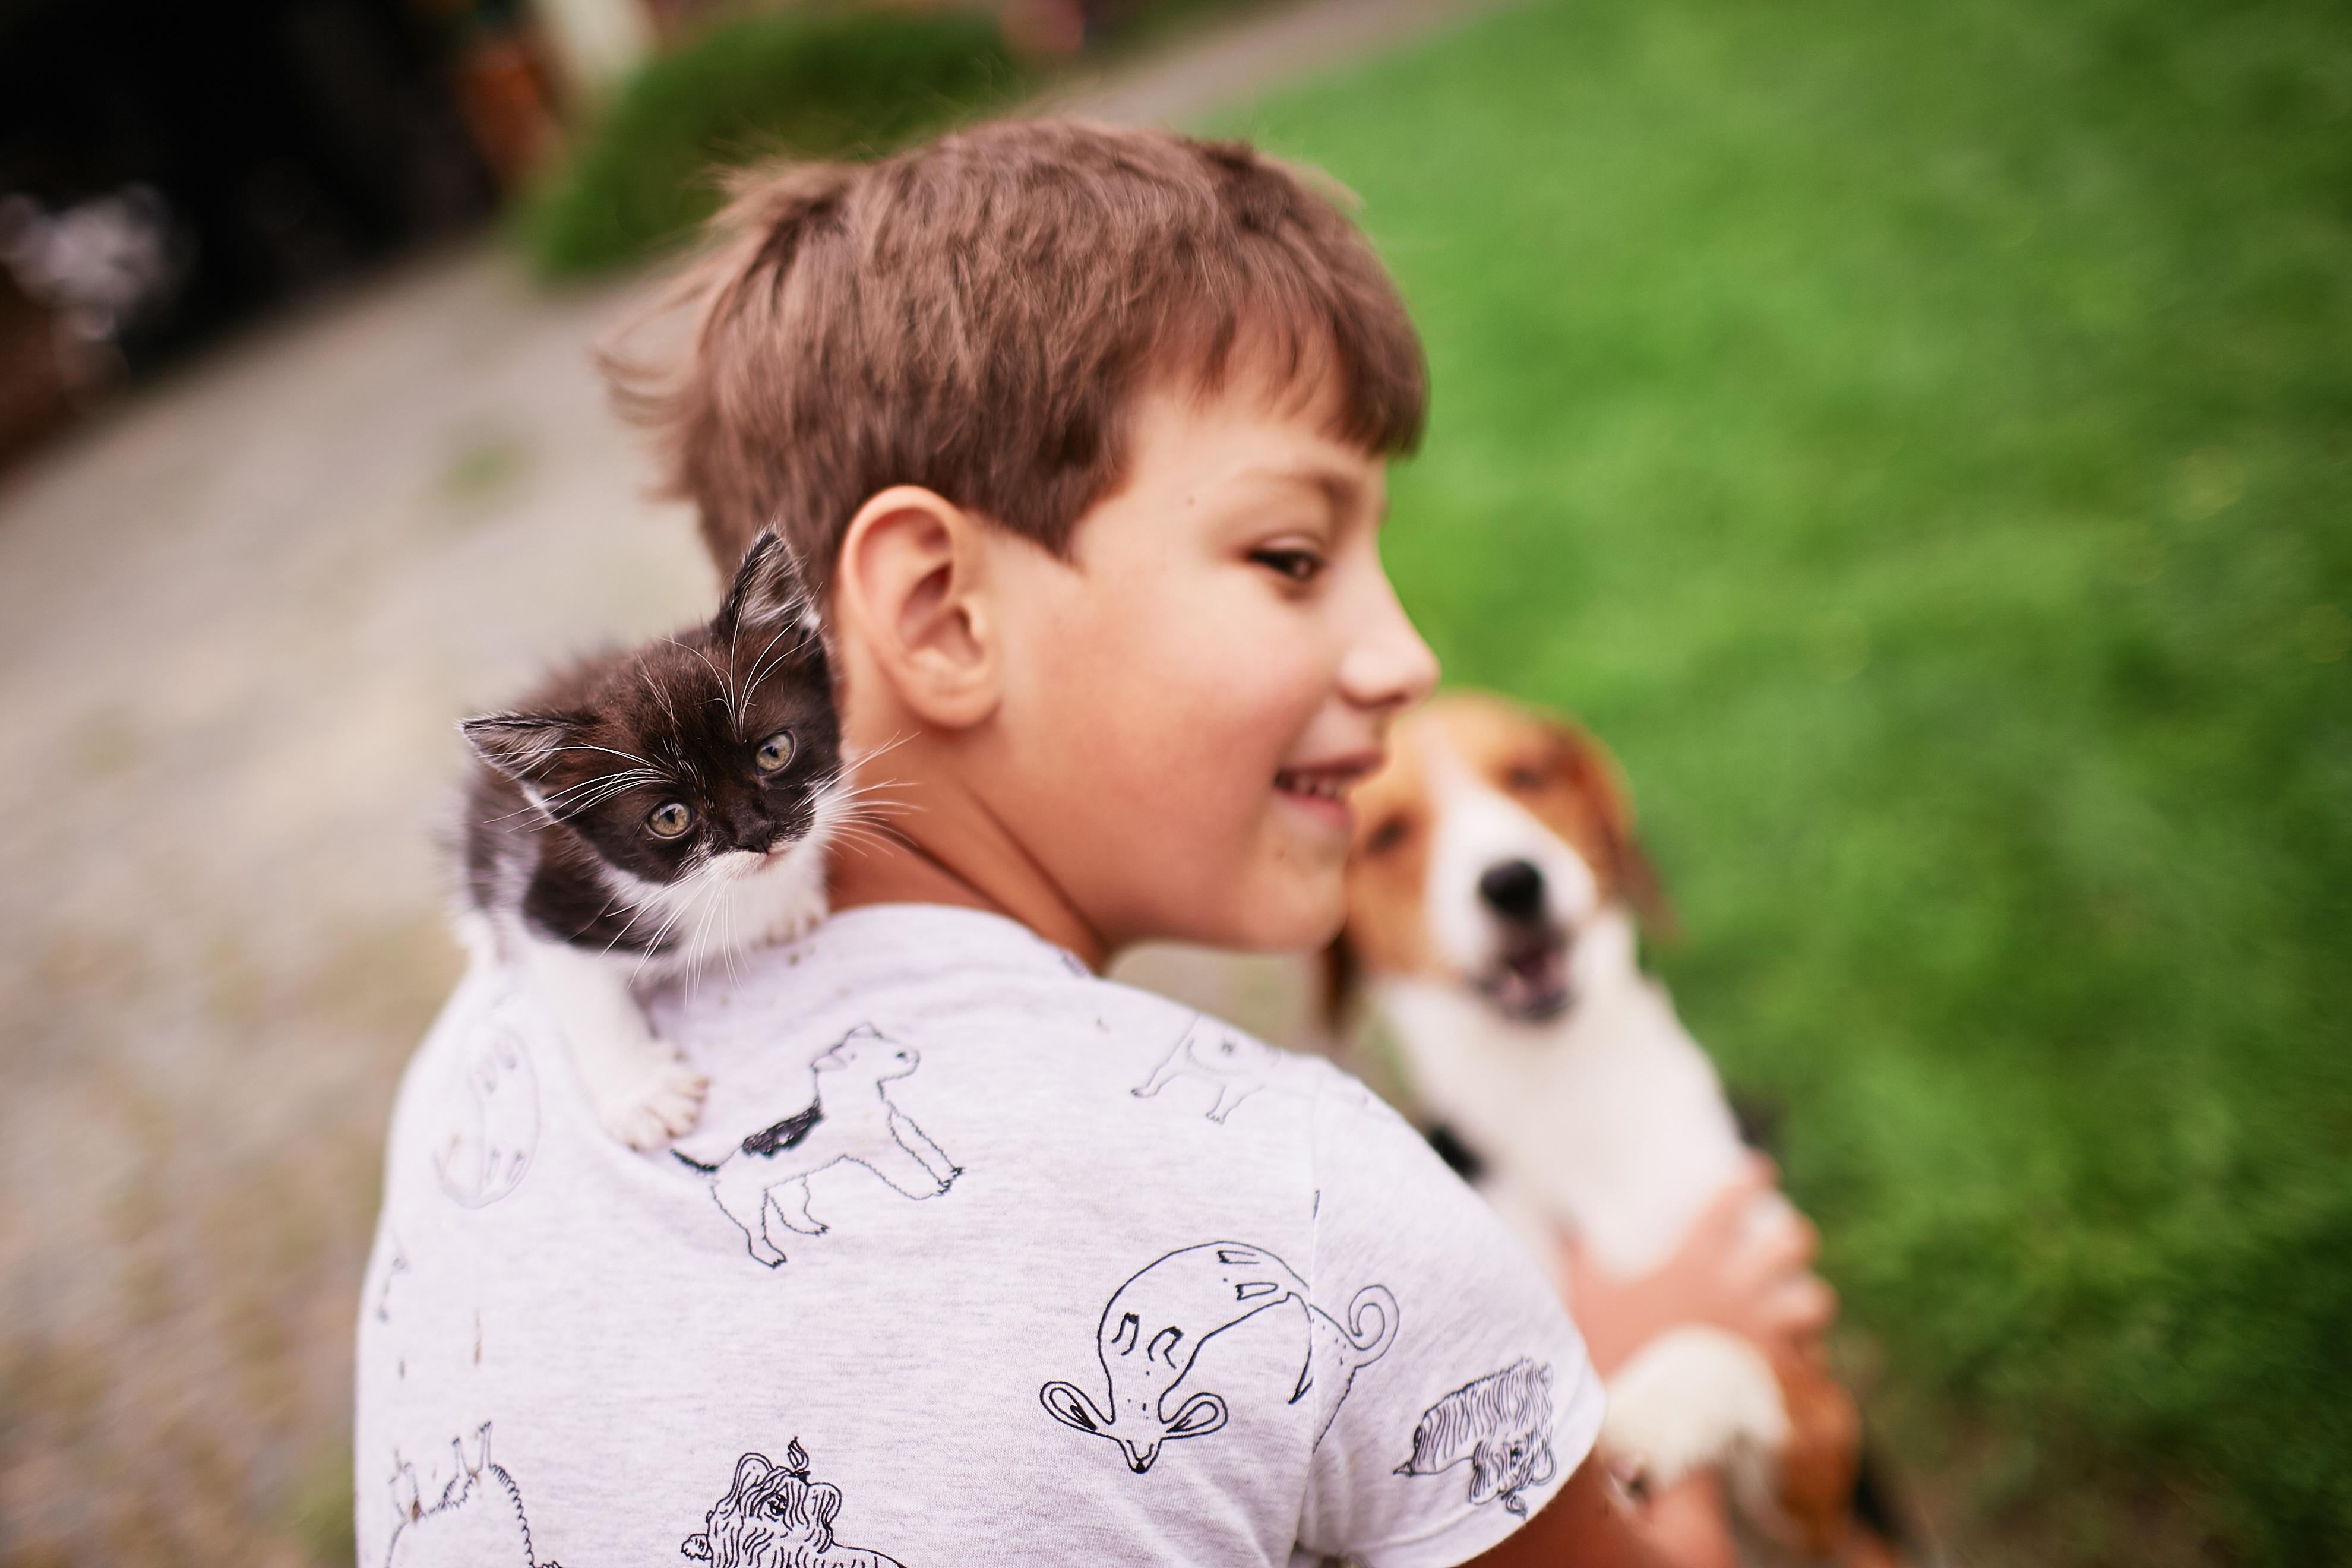 Meu amigo Pet: a relação com crianças e idosos